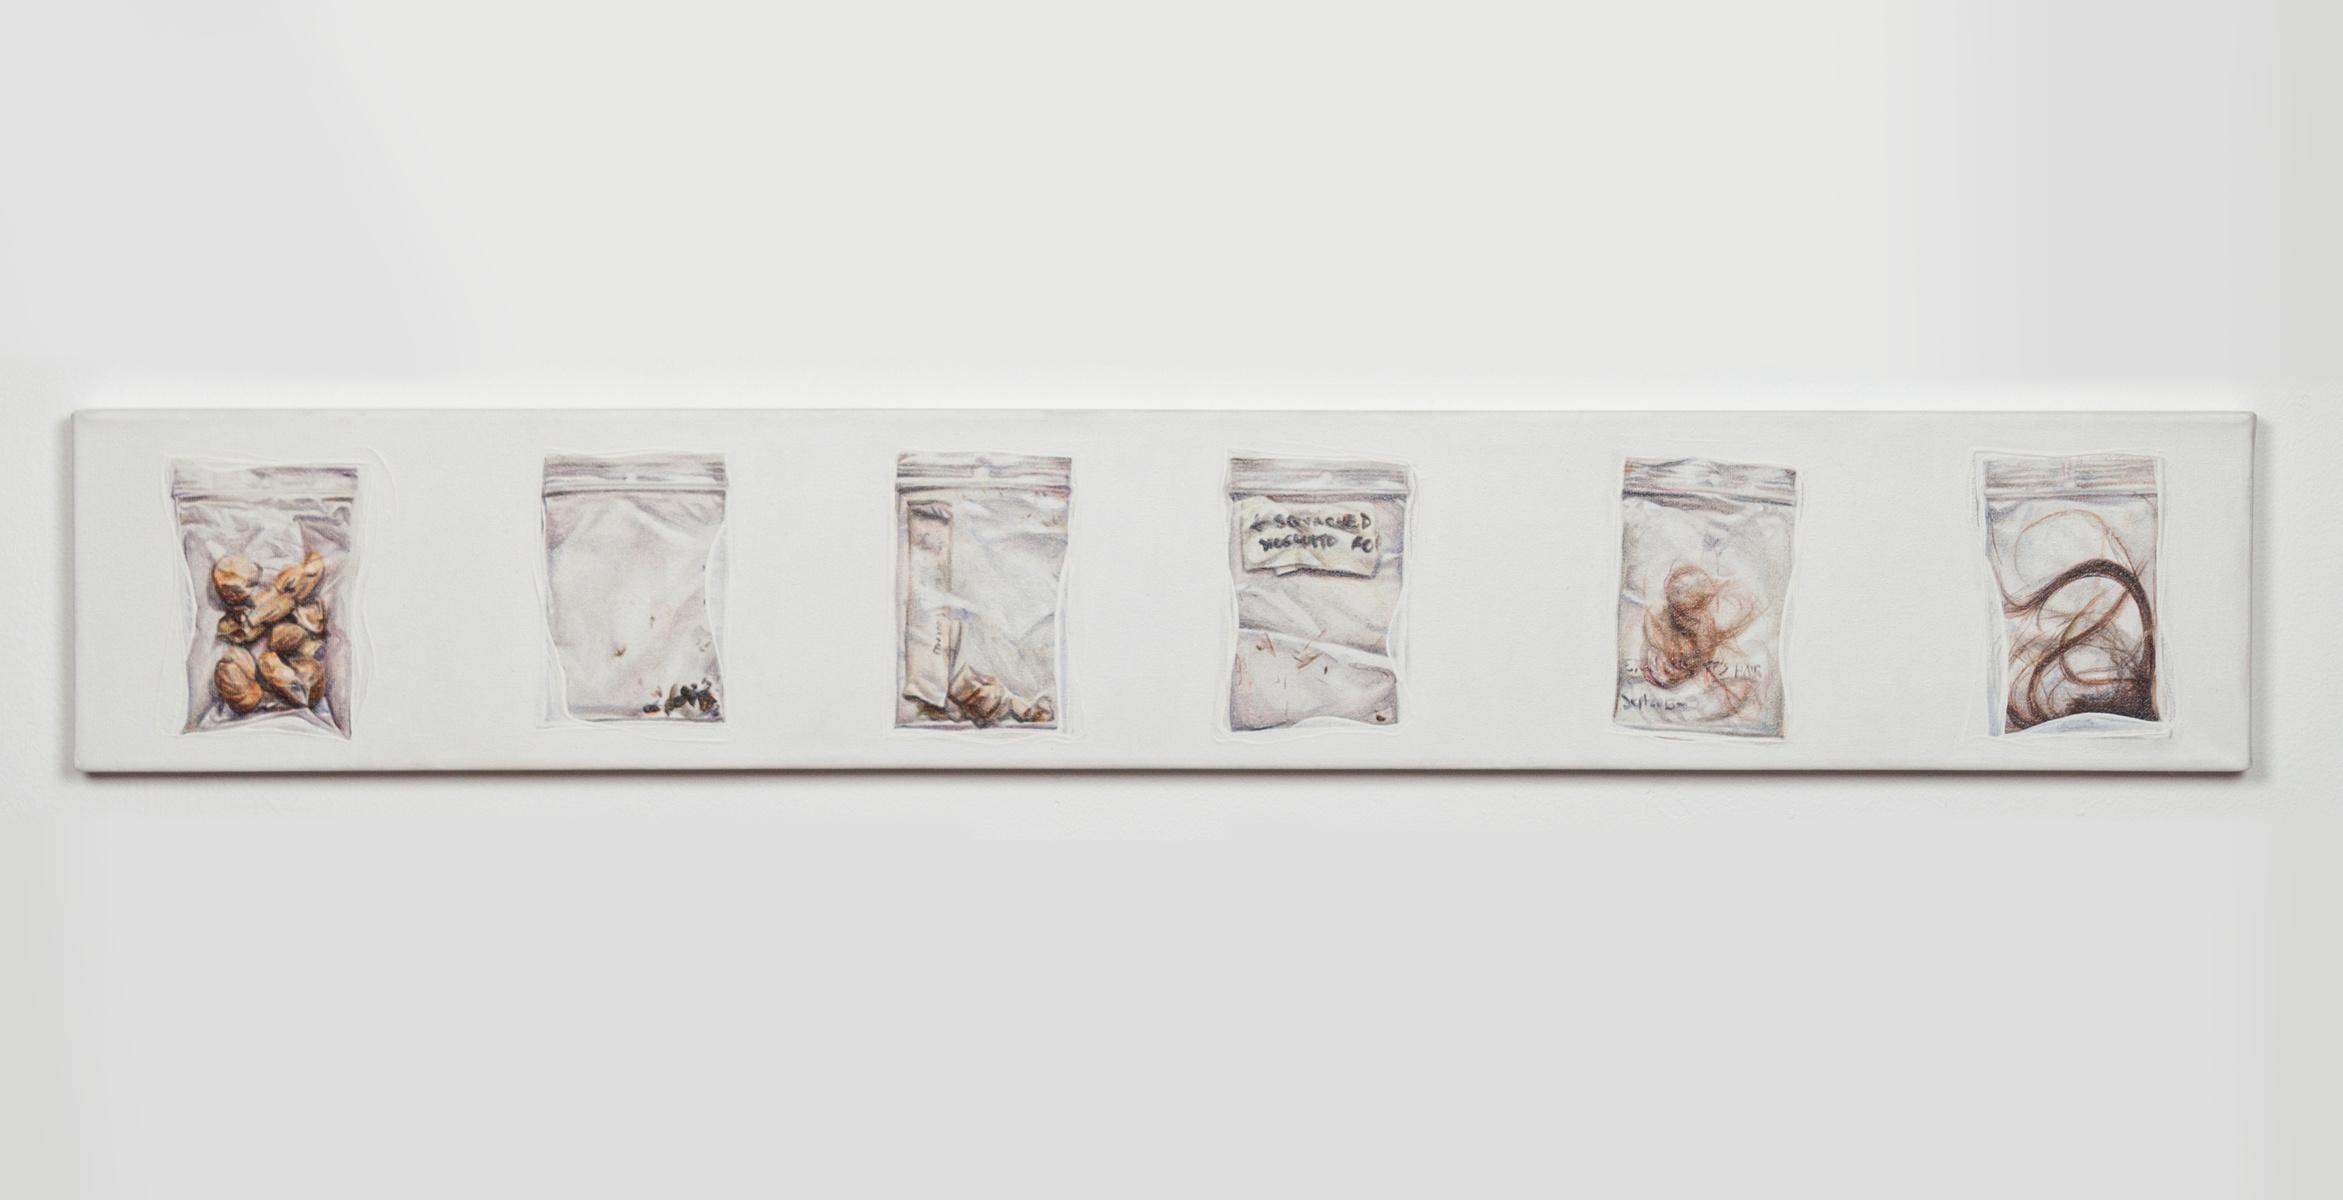 """oil on canvas 36"""" x 6"""" 2016  © Meaghan Barry"""